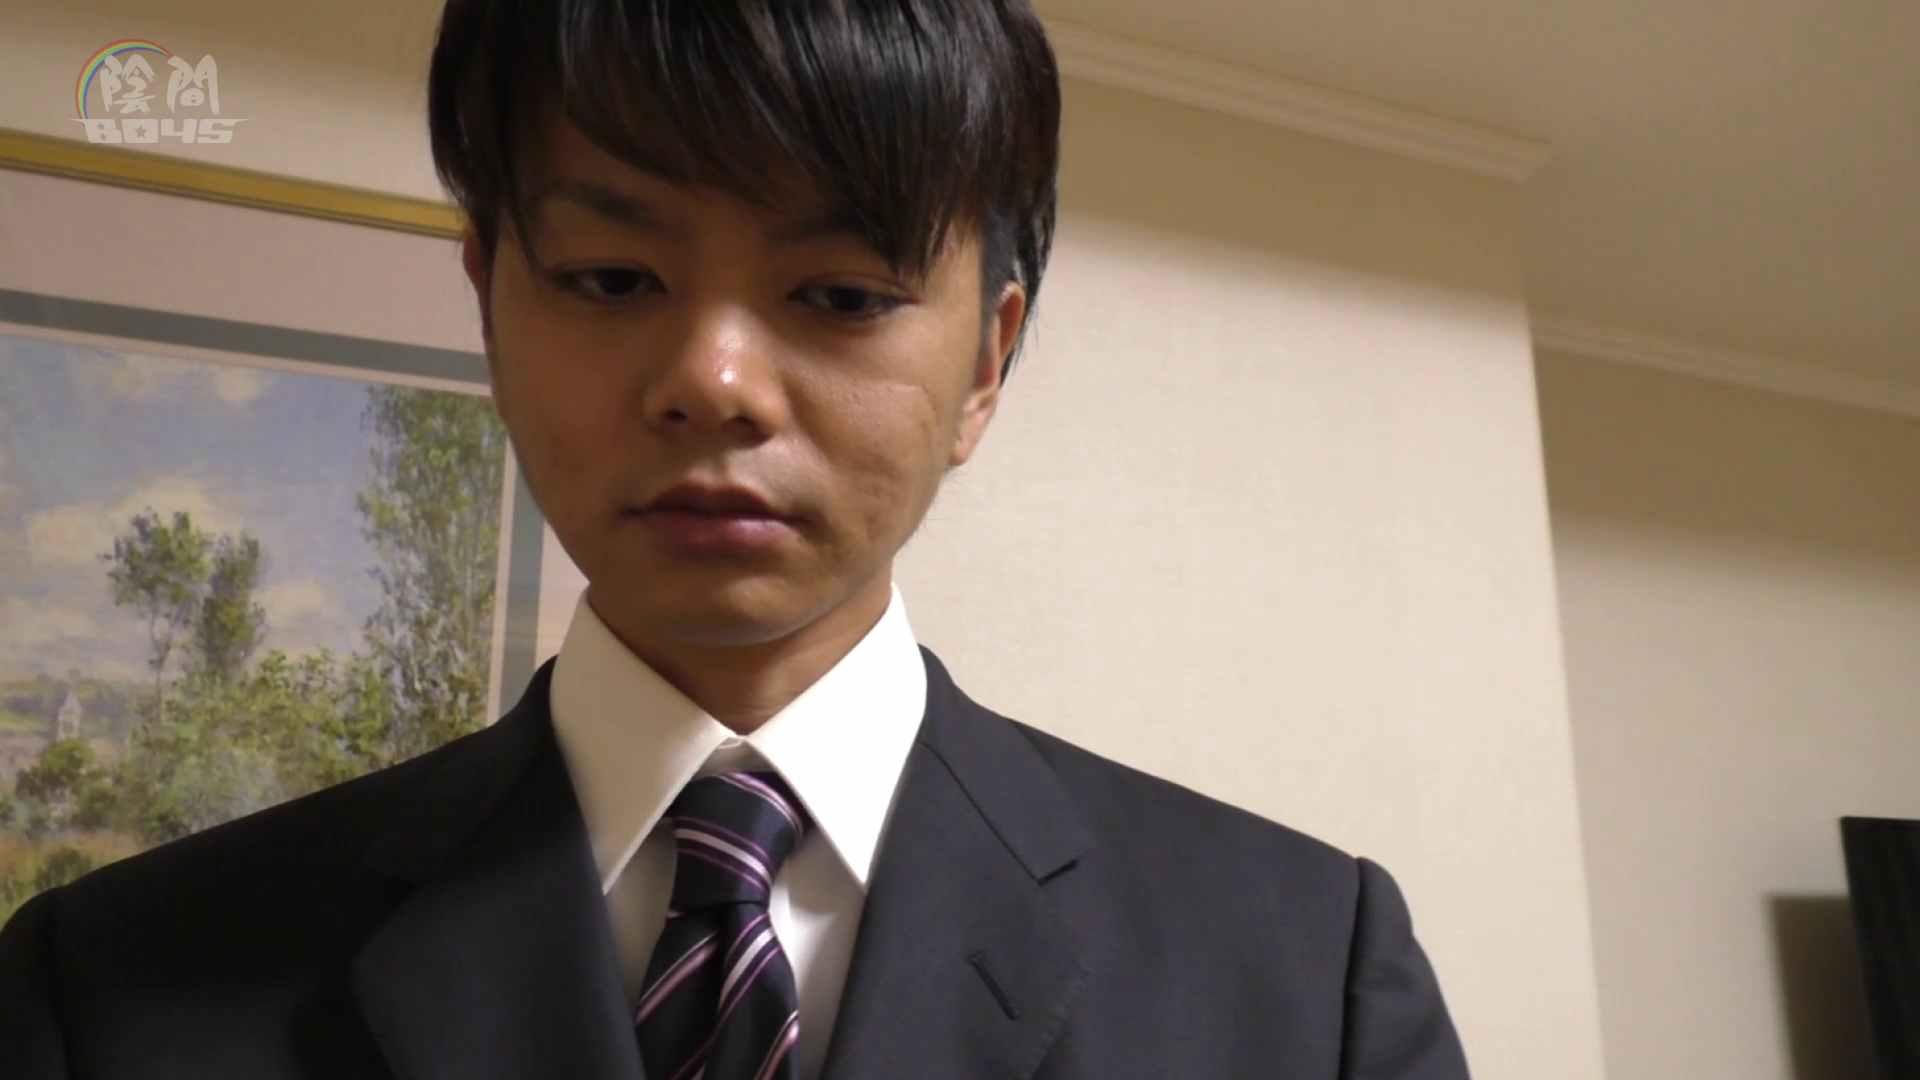 キャバクラの仕事はアナルから6  ~アナルの囁き~Vol.02 入浴・シャワー丸見え ゲイエロ動画 70pic 7